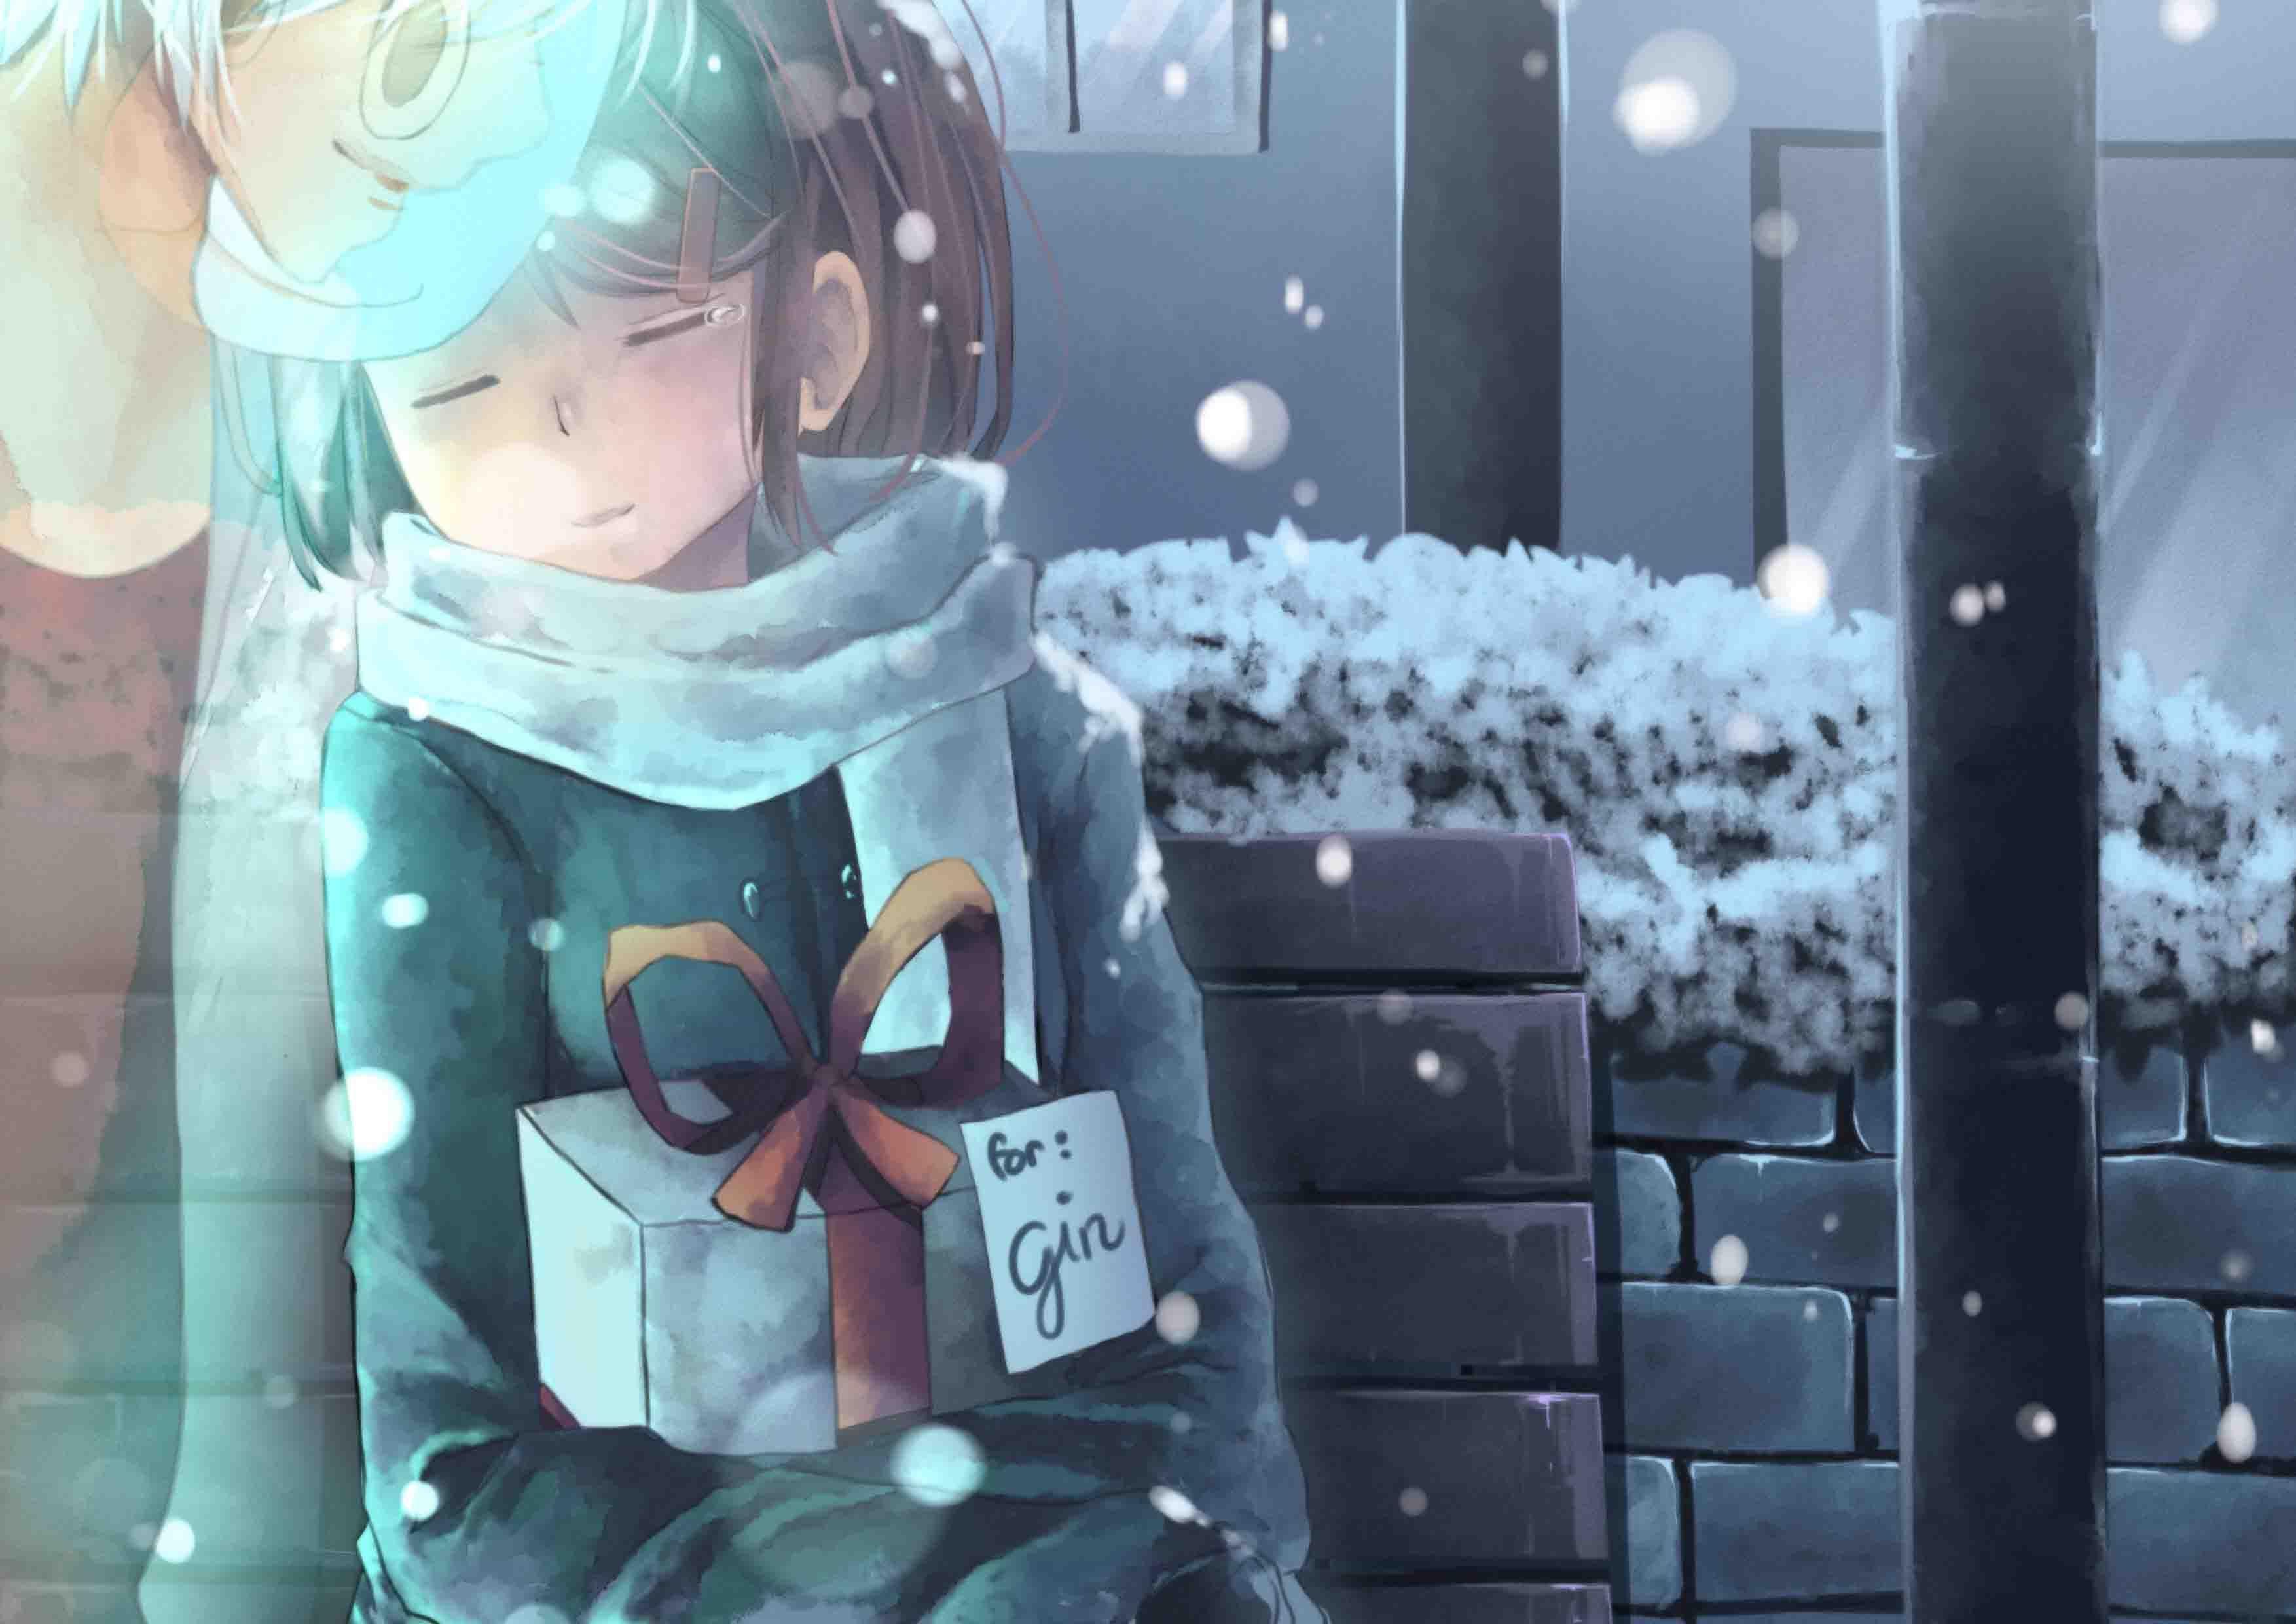 Hotarubi no Mori e Hotarubi no mori, Anime